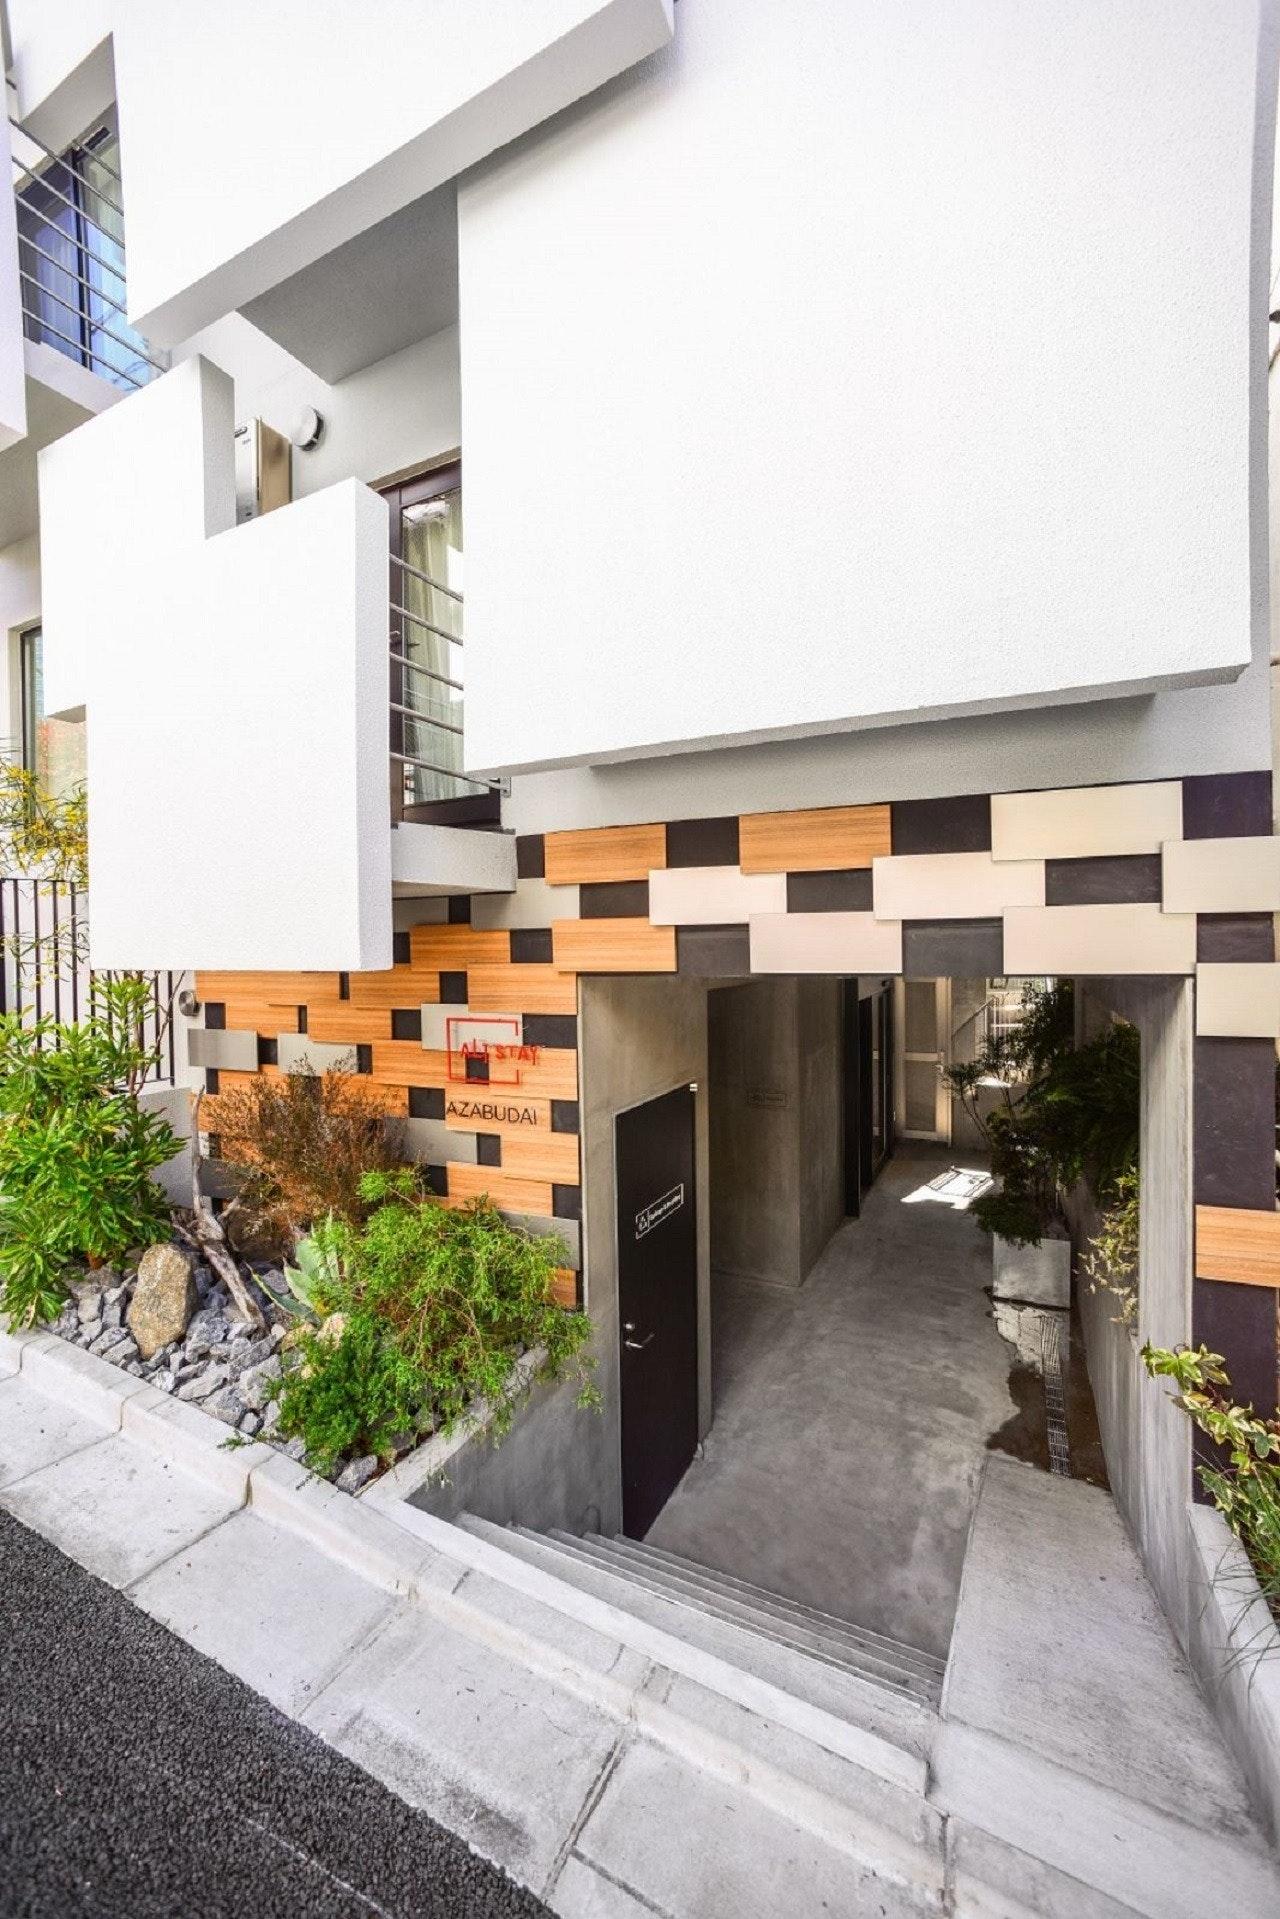 新オープン!モダンな家具と素敵なステイ// ALT STAY AZABUDAI 402